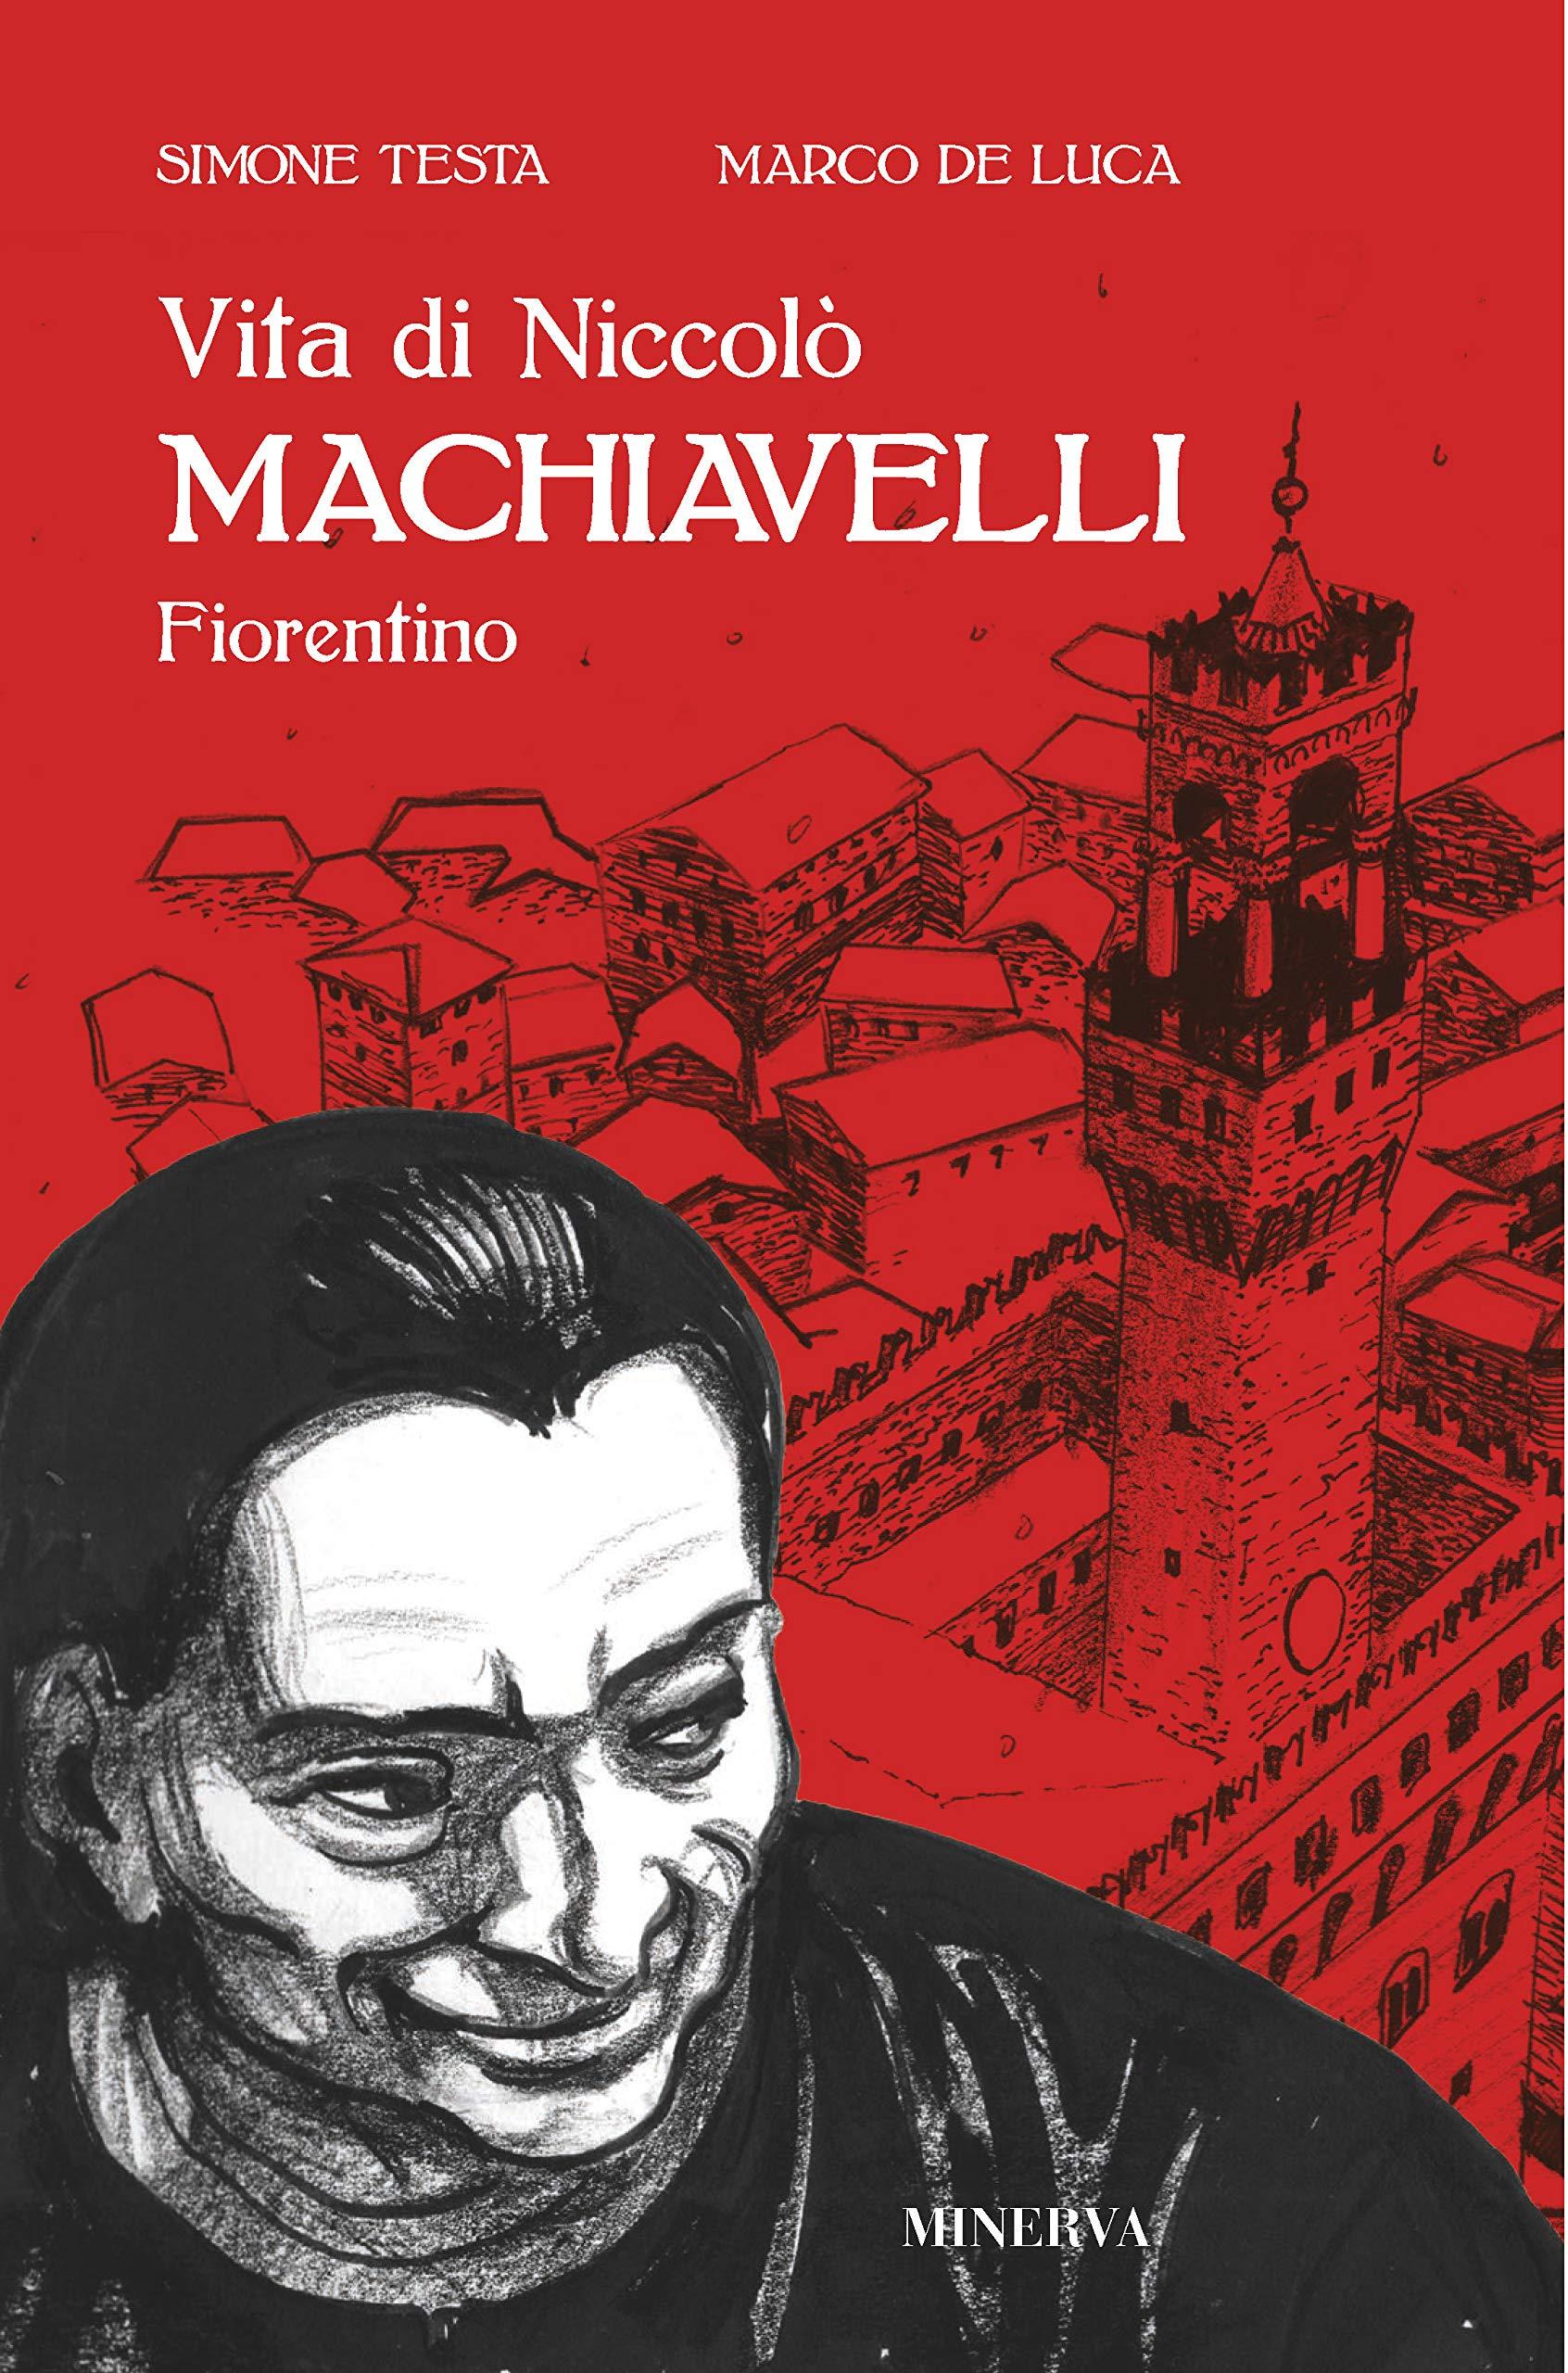 Vita di Niccolò Machiavelli fiorentino: Amazon.it: De Luca, Marco, Testa,  Simone: Libri